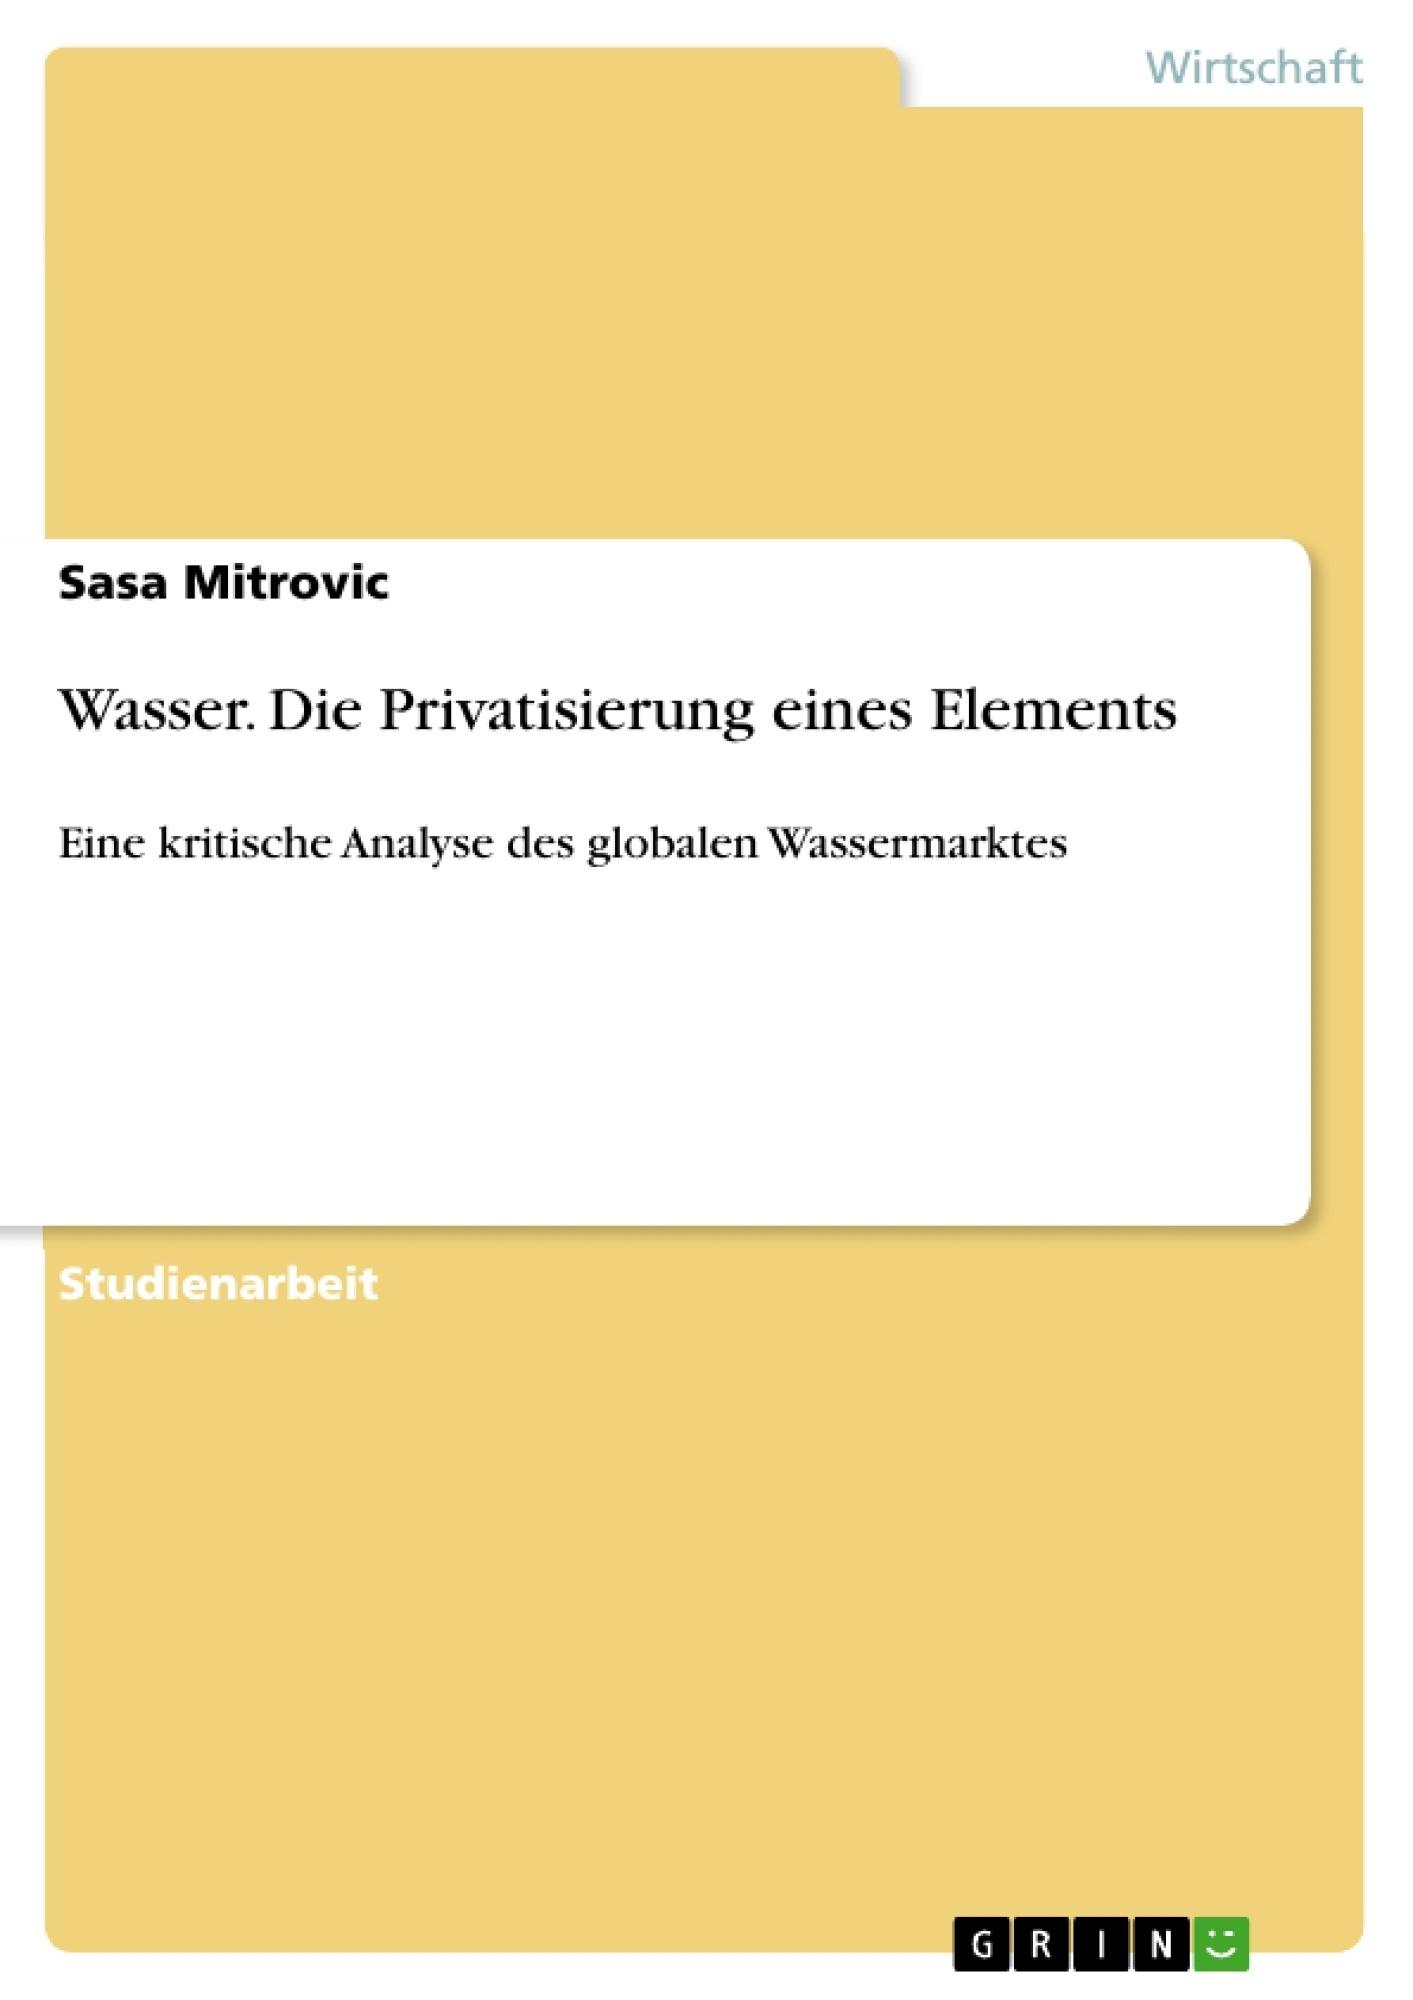 Titel: Wasser. Die Privatisierung eines Elements